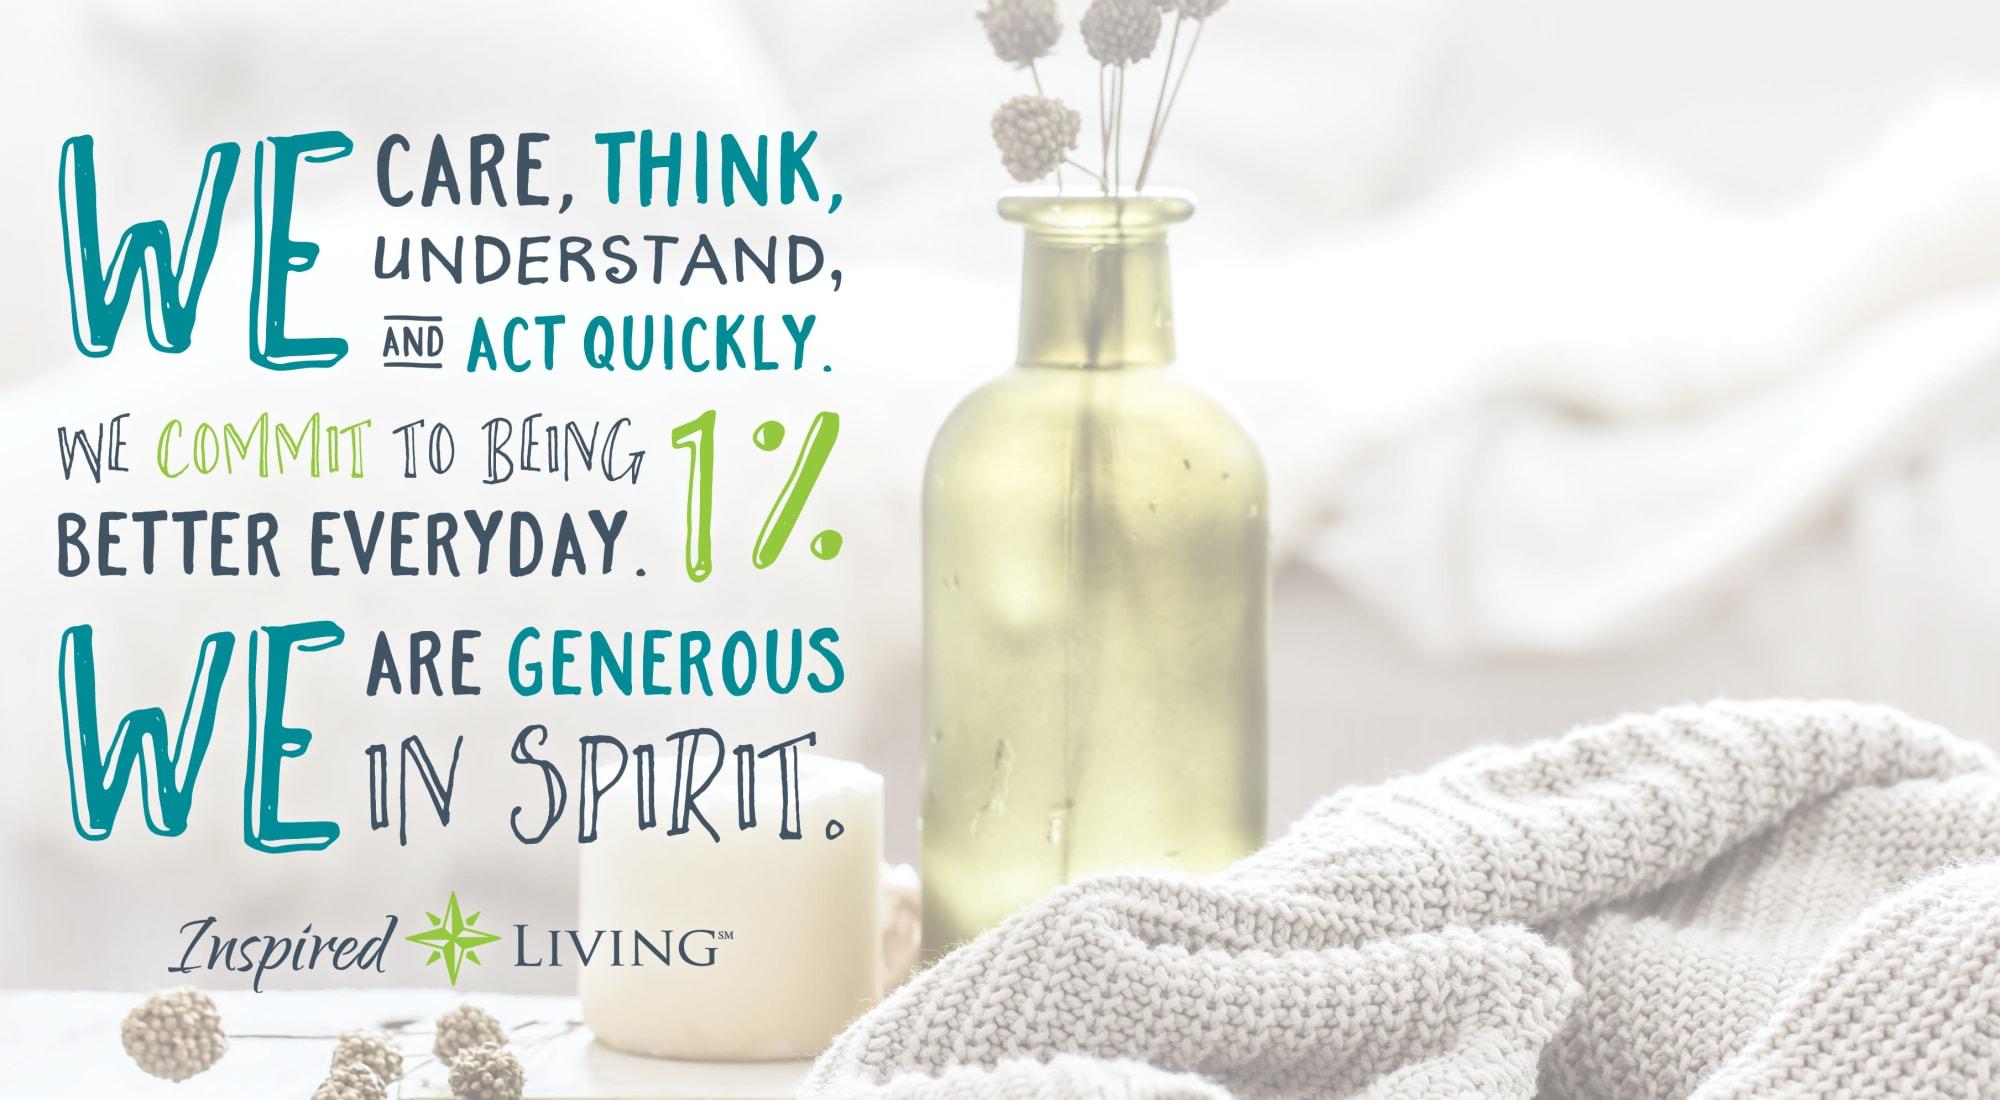 Senior Living at Inspired Living.